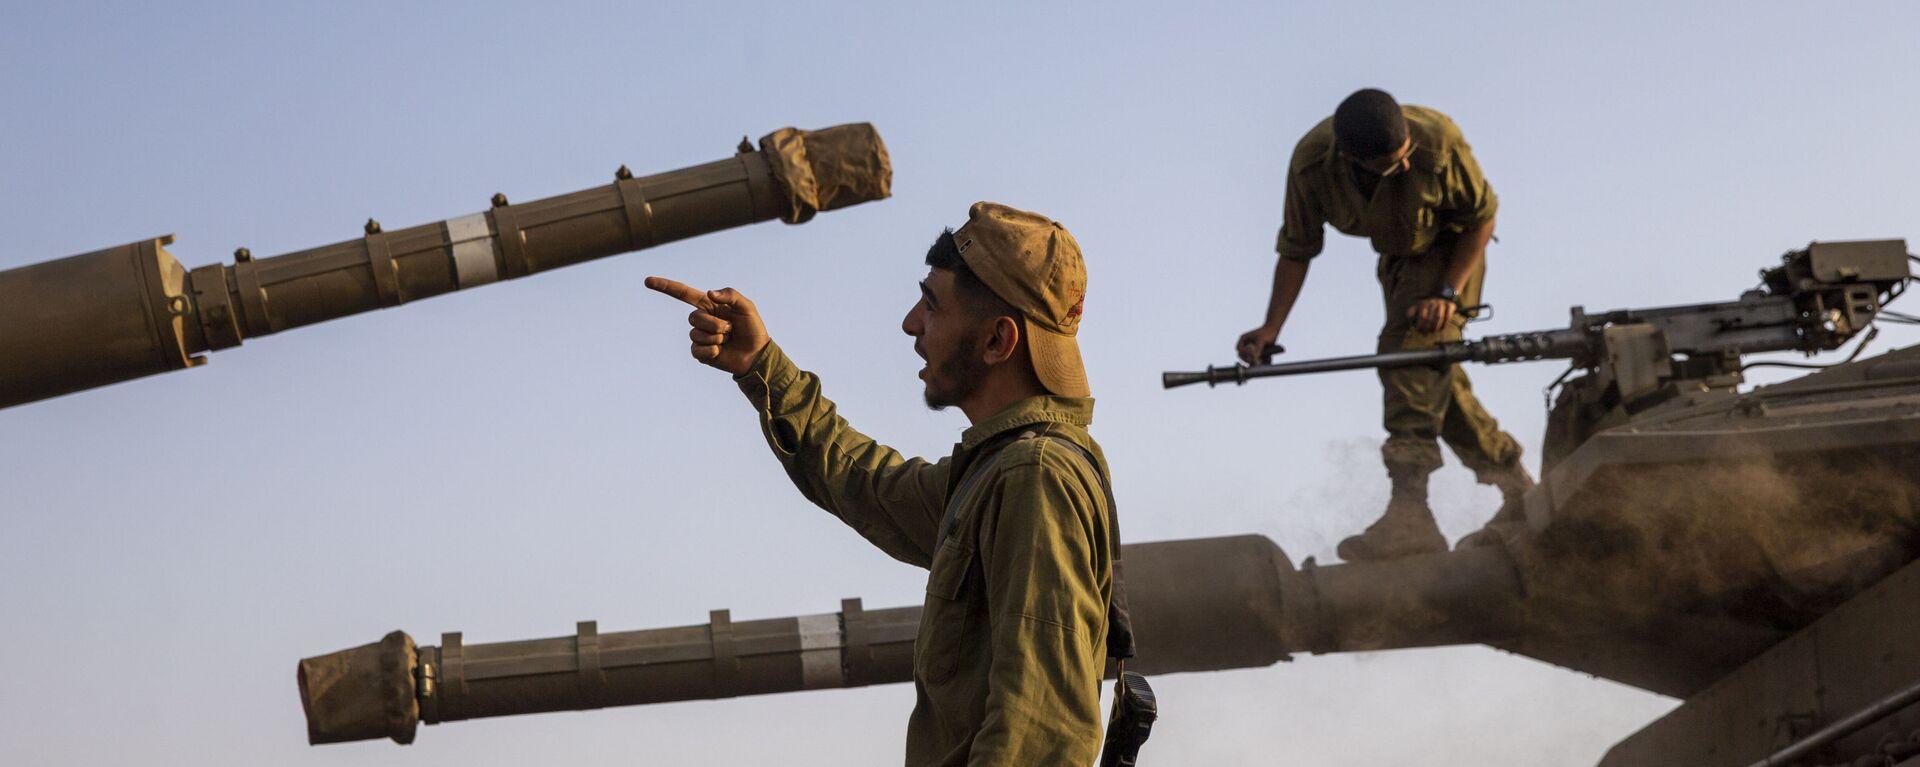 Израильские солдаты на контролируемых Израилем Голанских высотах - Sputnik Mundo, 1920, 17.03.2021